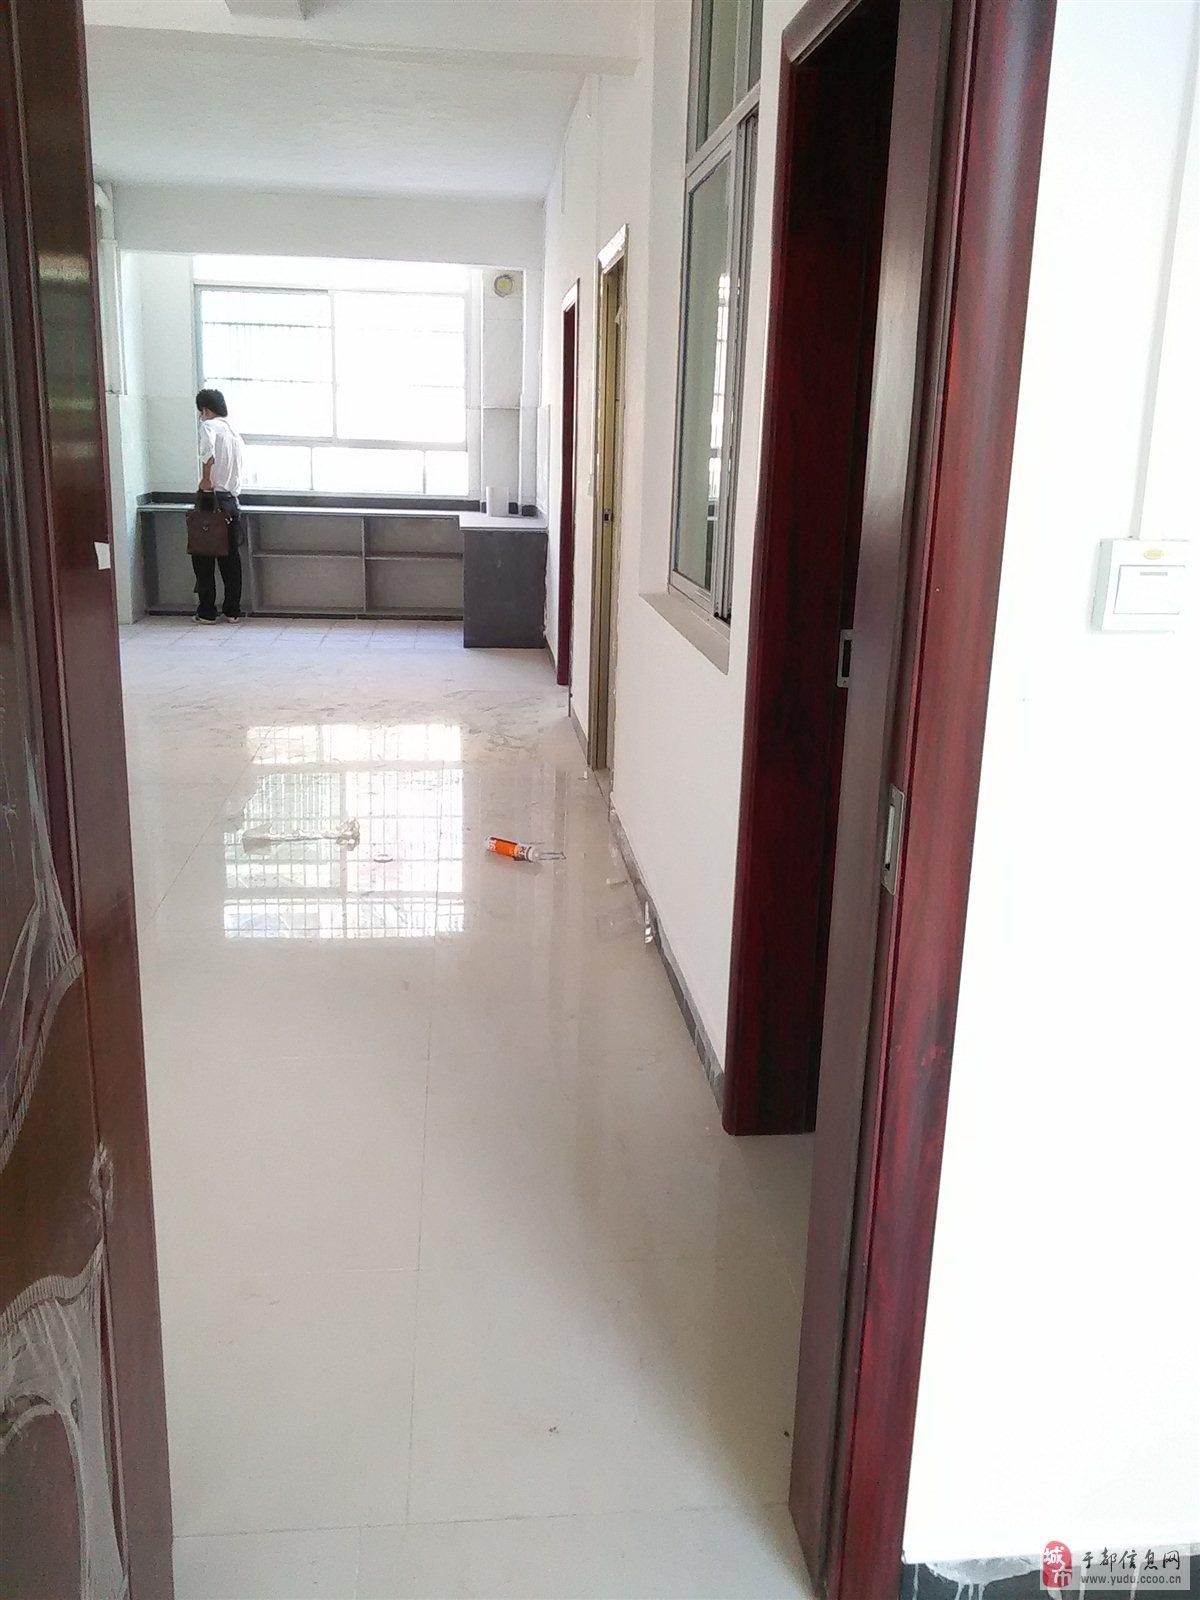 水南新区统一规划新房金沙游戏